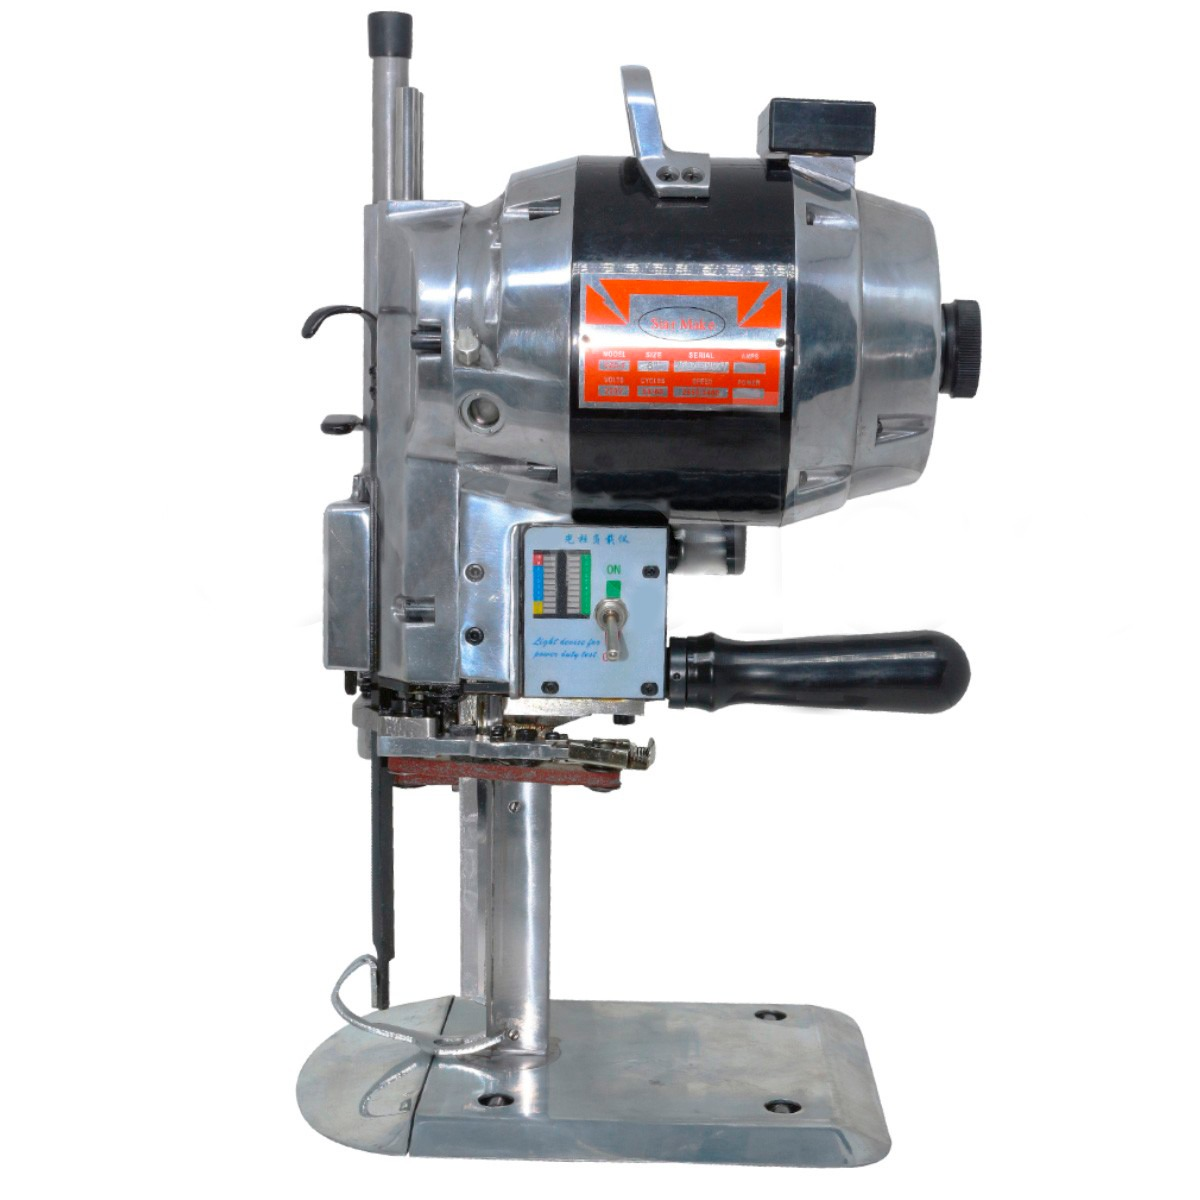 Maquina De Corte Faca Cortar Tecido 8 Polegadas 850w